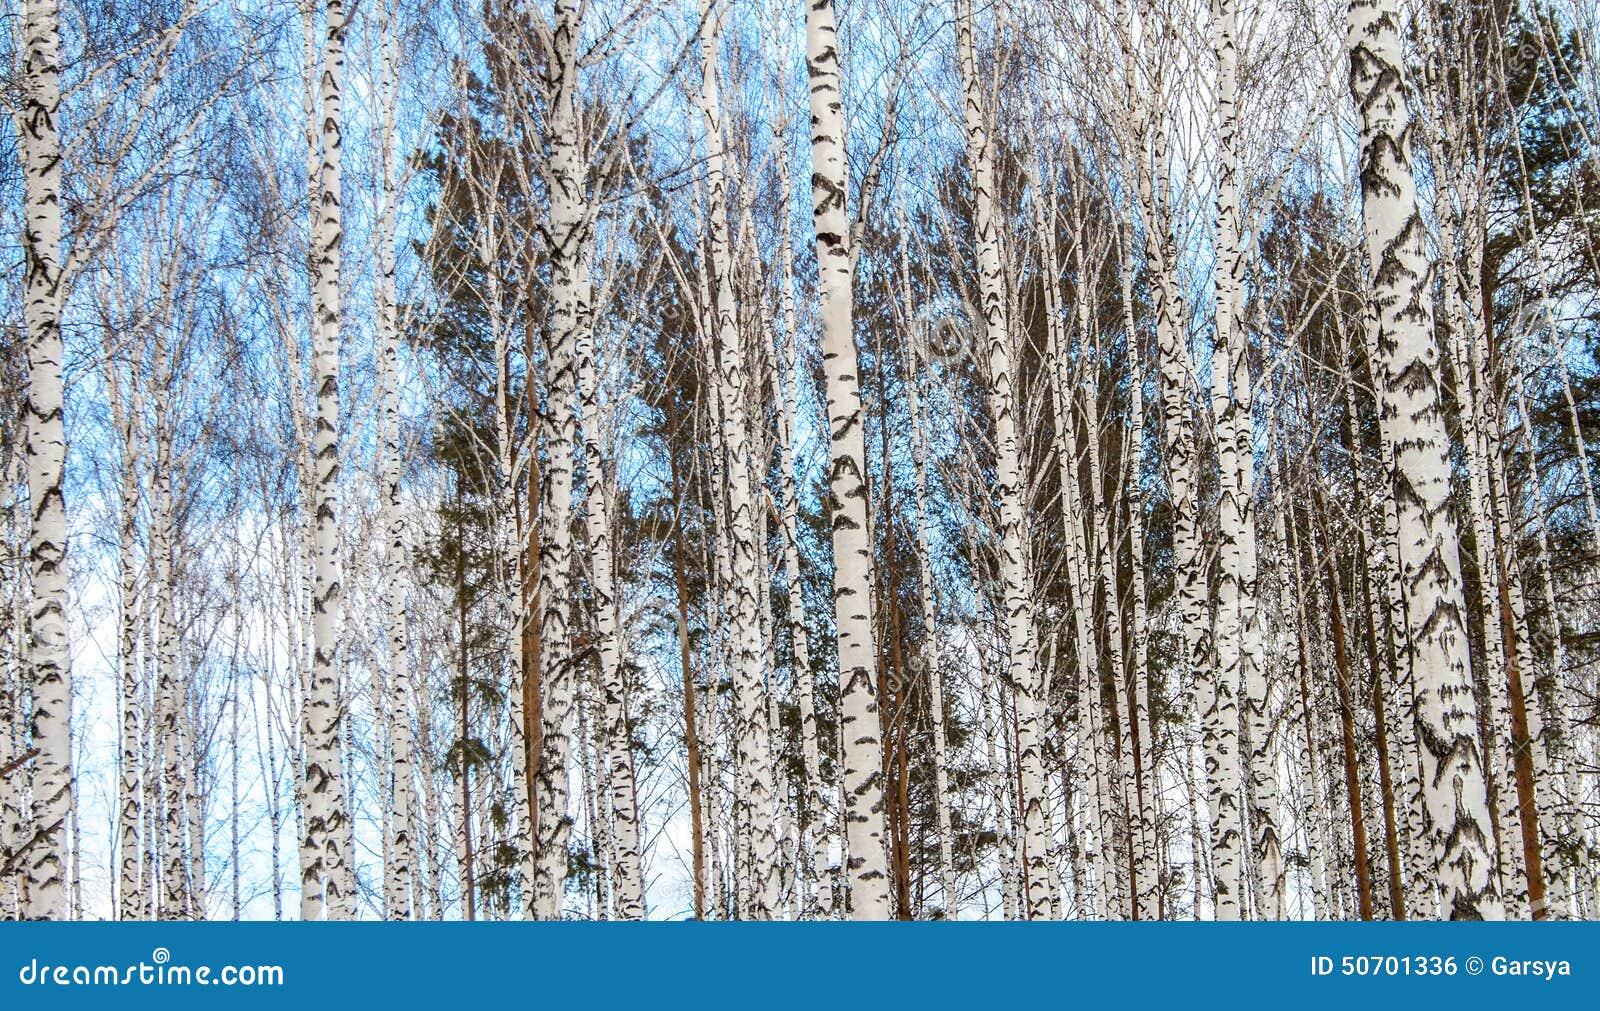 Berkehout in de winter